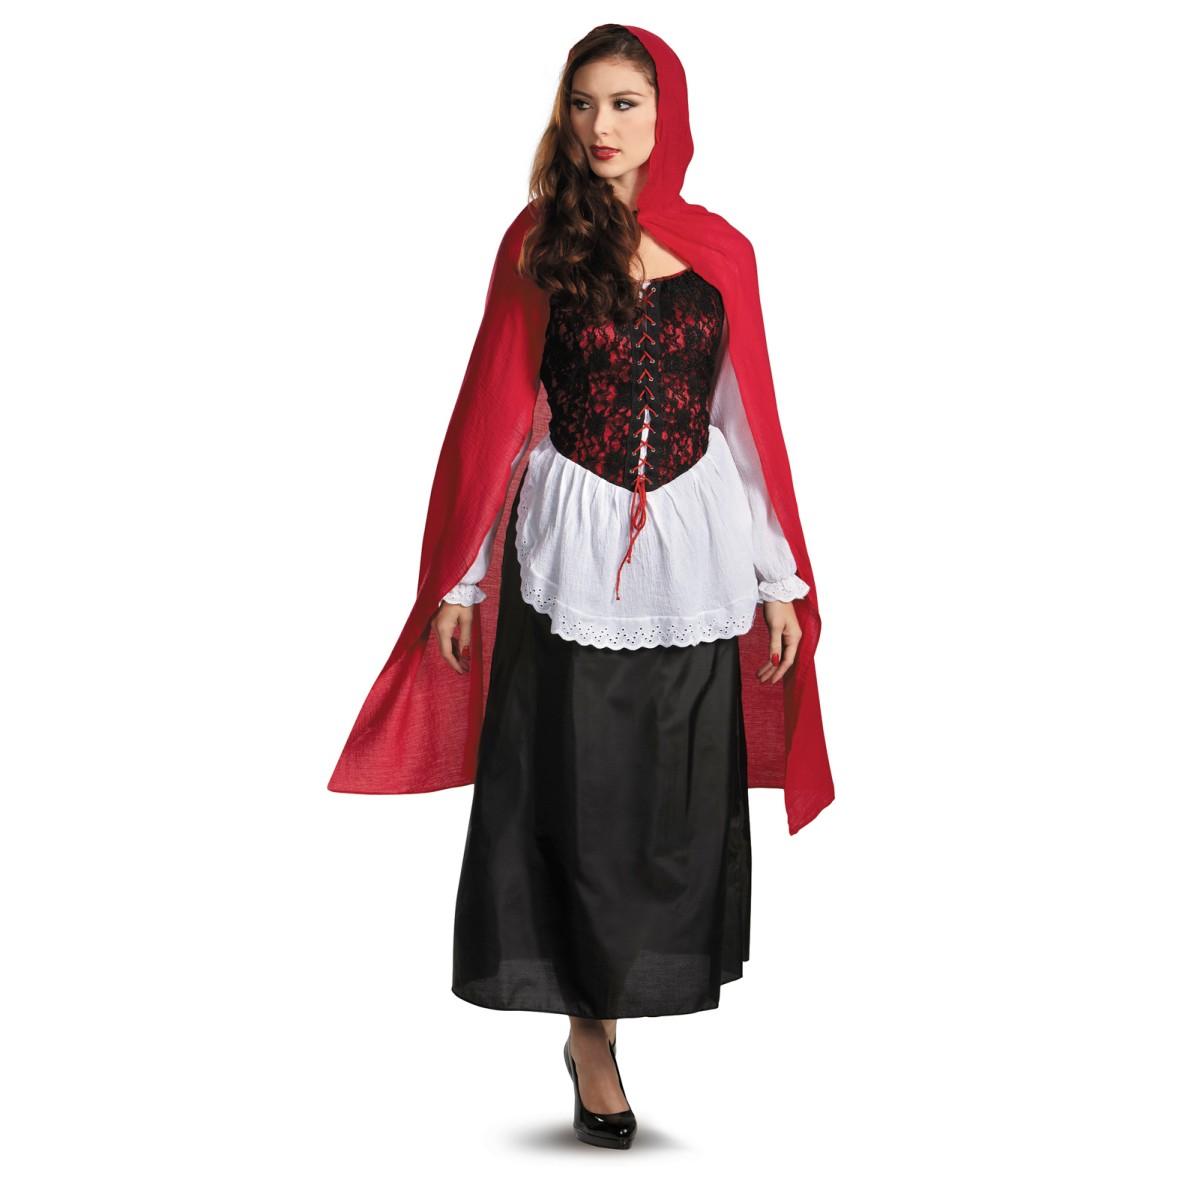 赤ずきん コスプレ コスチューム 衣装 大人 女性用 レディース ハロウィン 仮装 服 あす楽